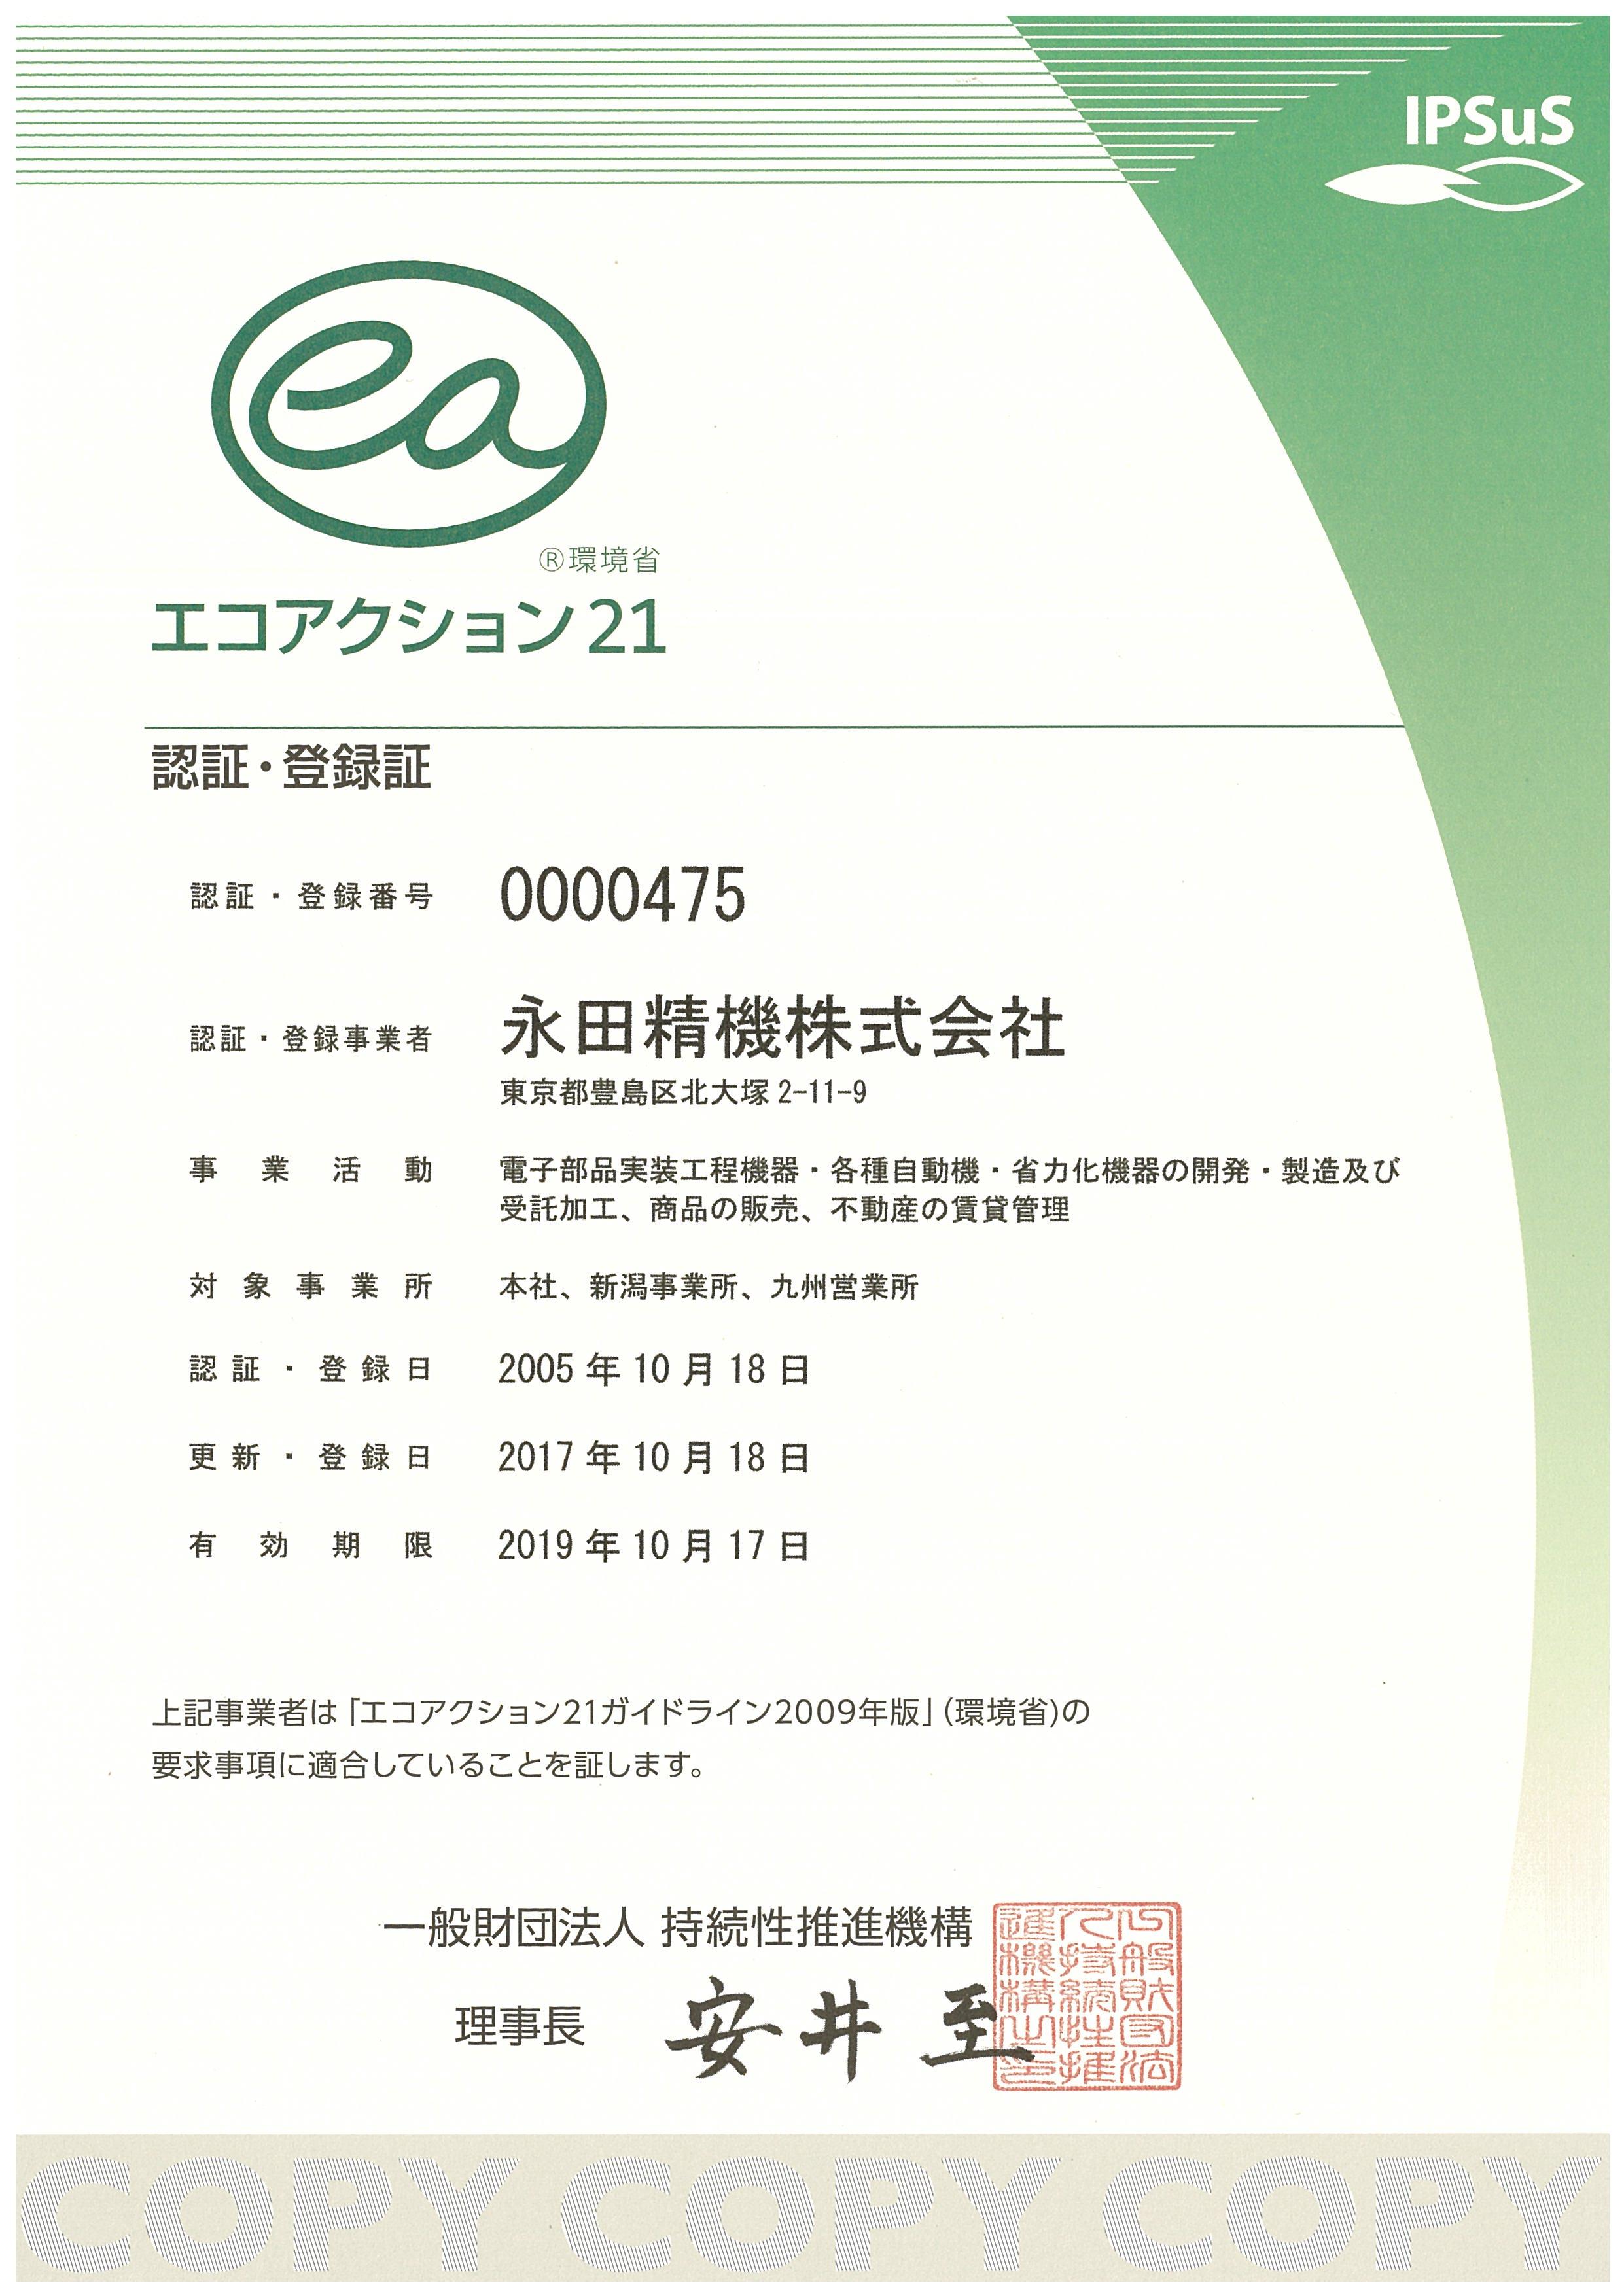 環境活動(エコアクション21)評価プログラム認証取得